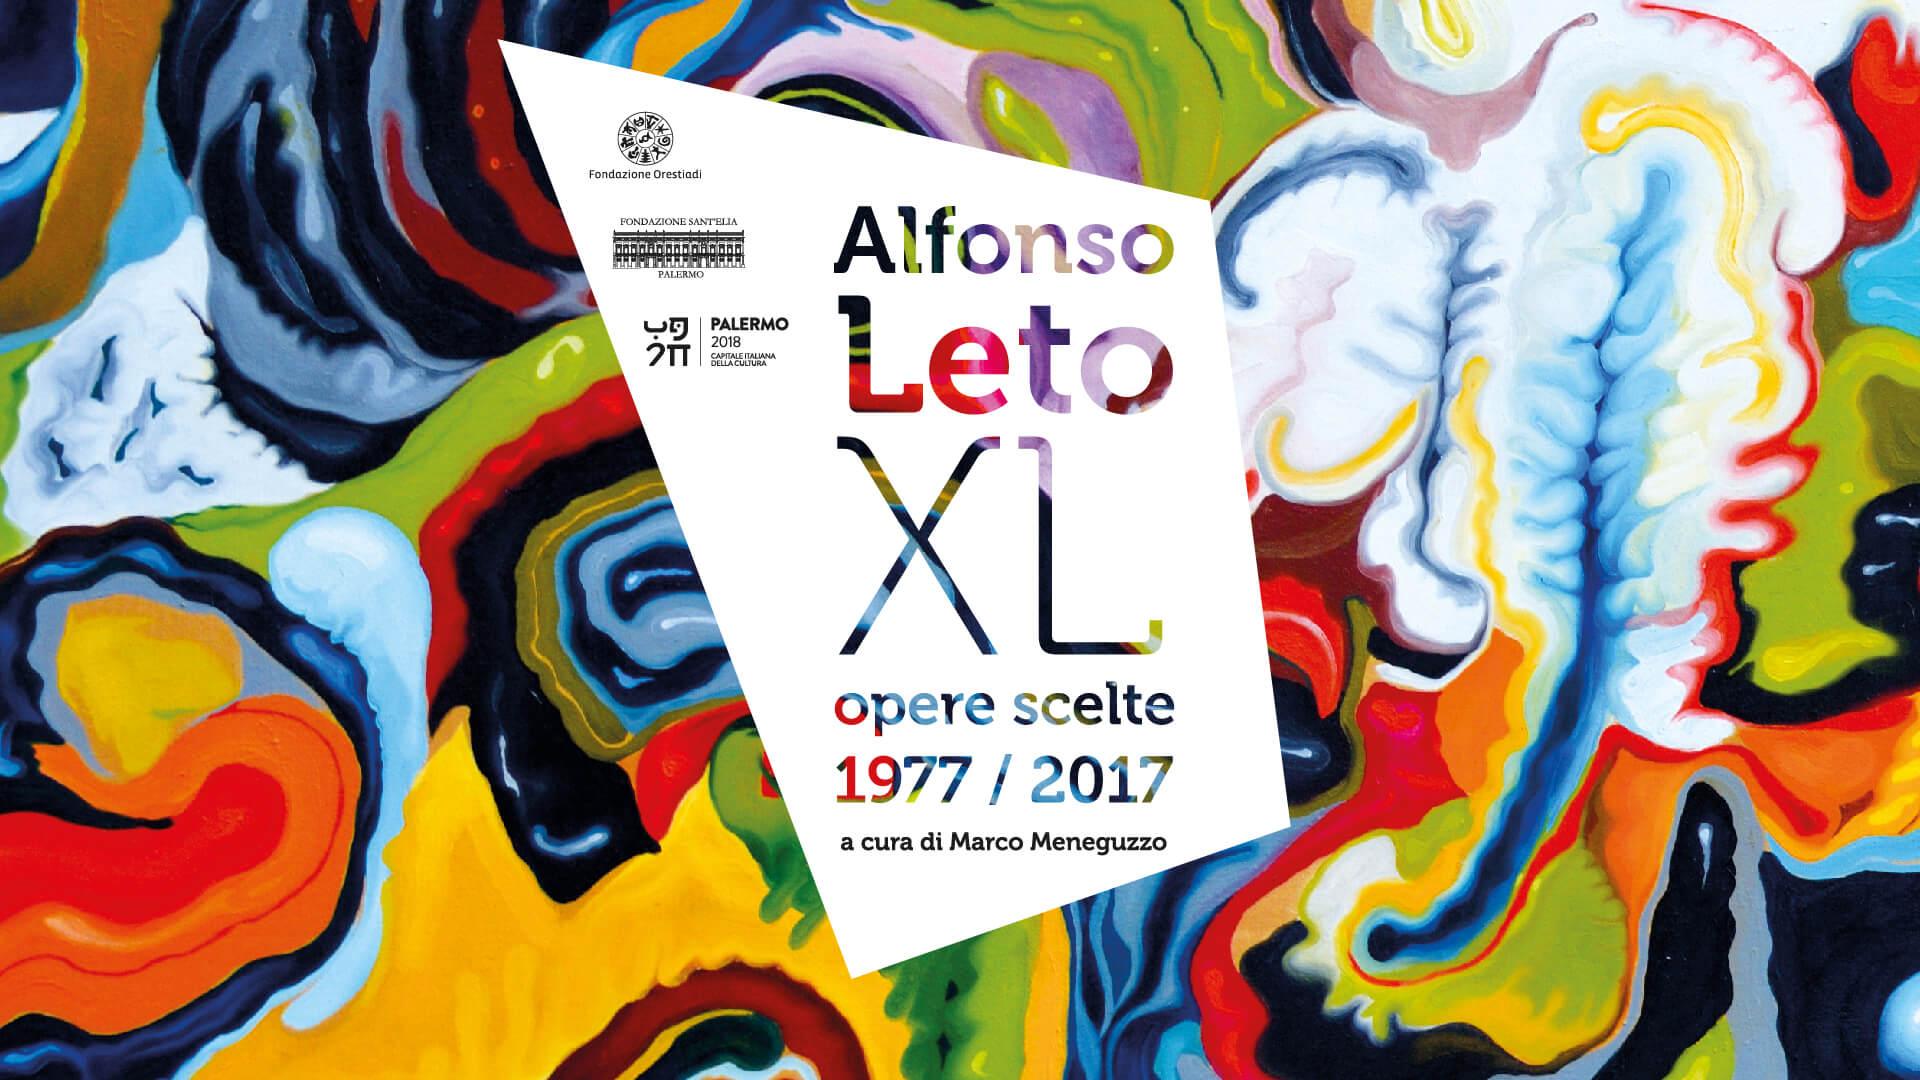 Alfonso Leto – Opere Scelte. 1977-2017 palermo sant'elia